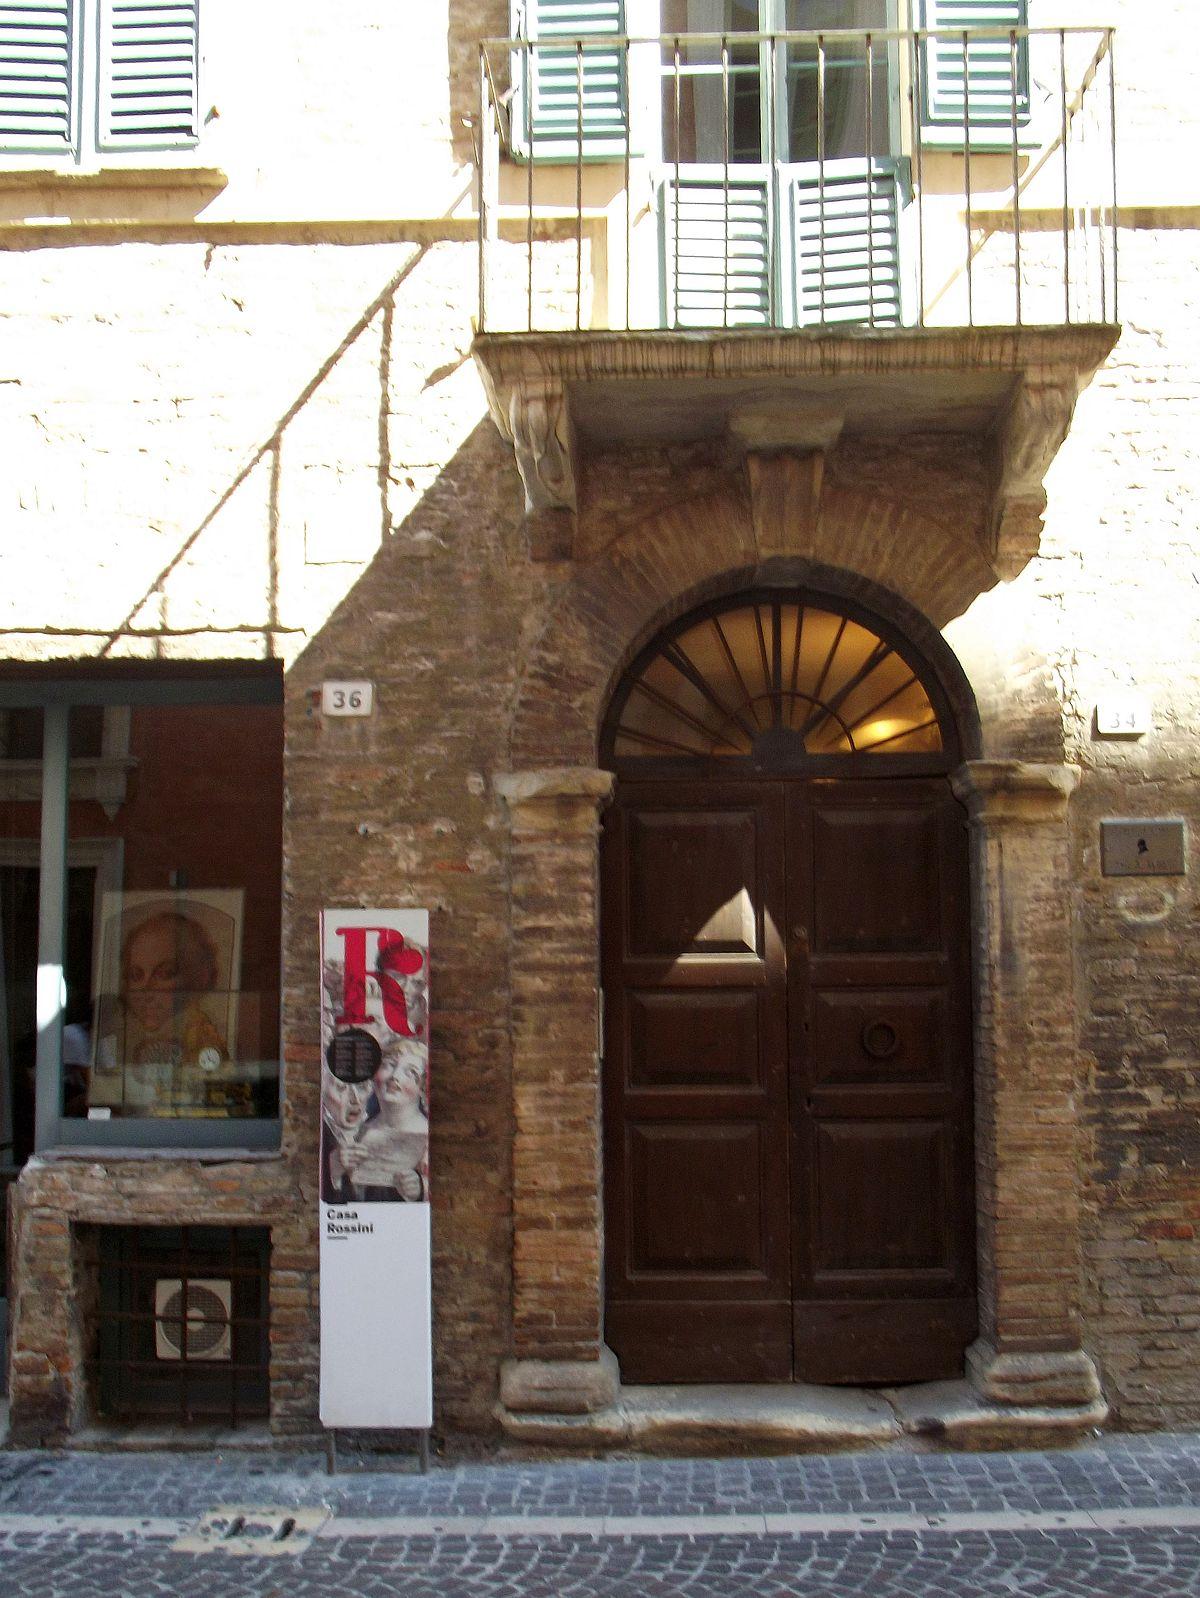 casa rossini wikipedia